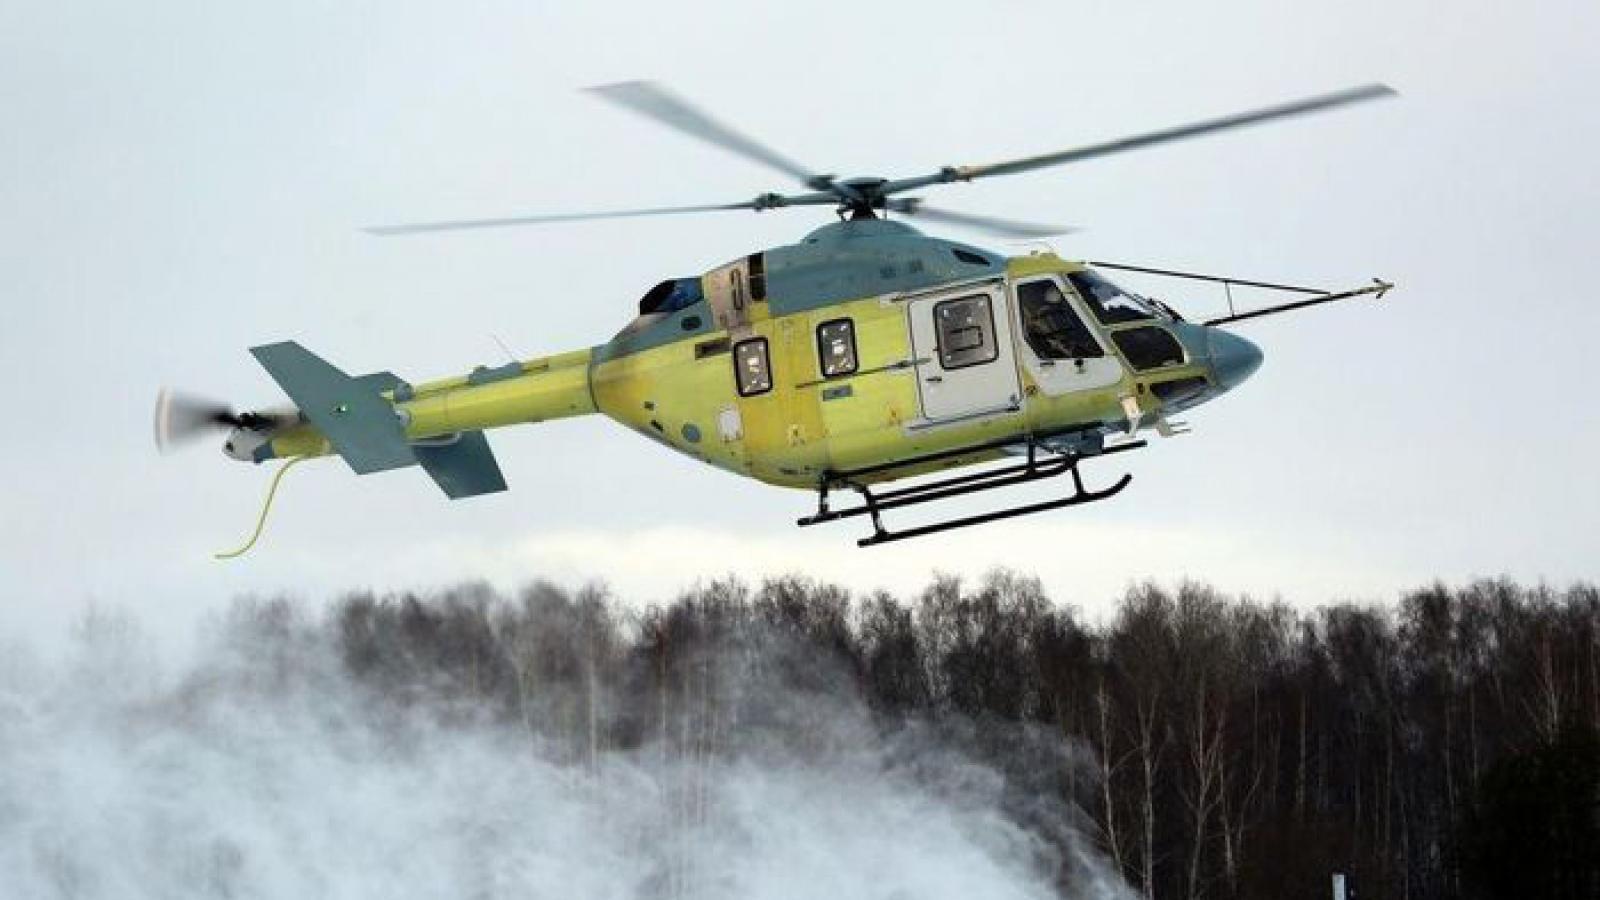 Trực thăng Ansat-M của Nga thực hiện chuyến bay đầu tiên